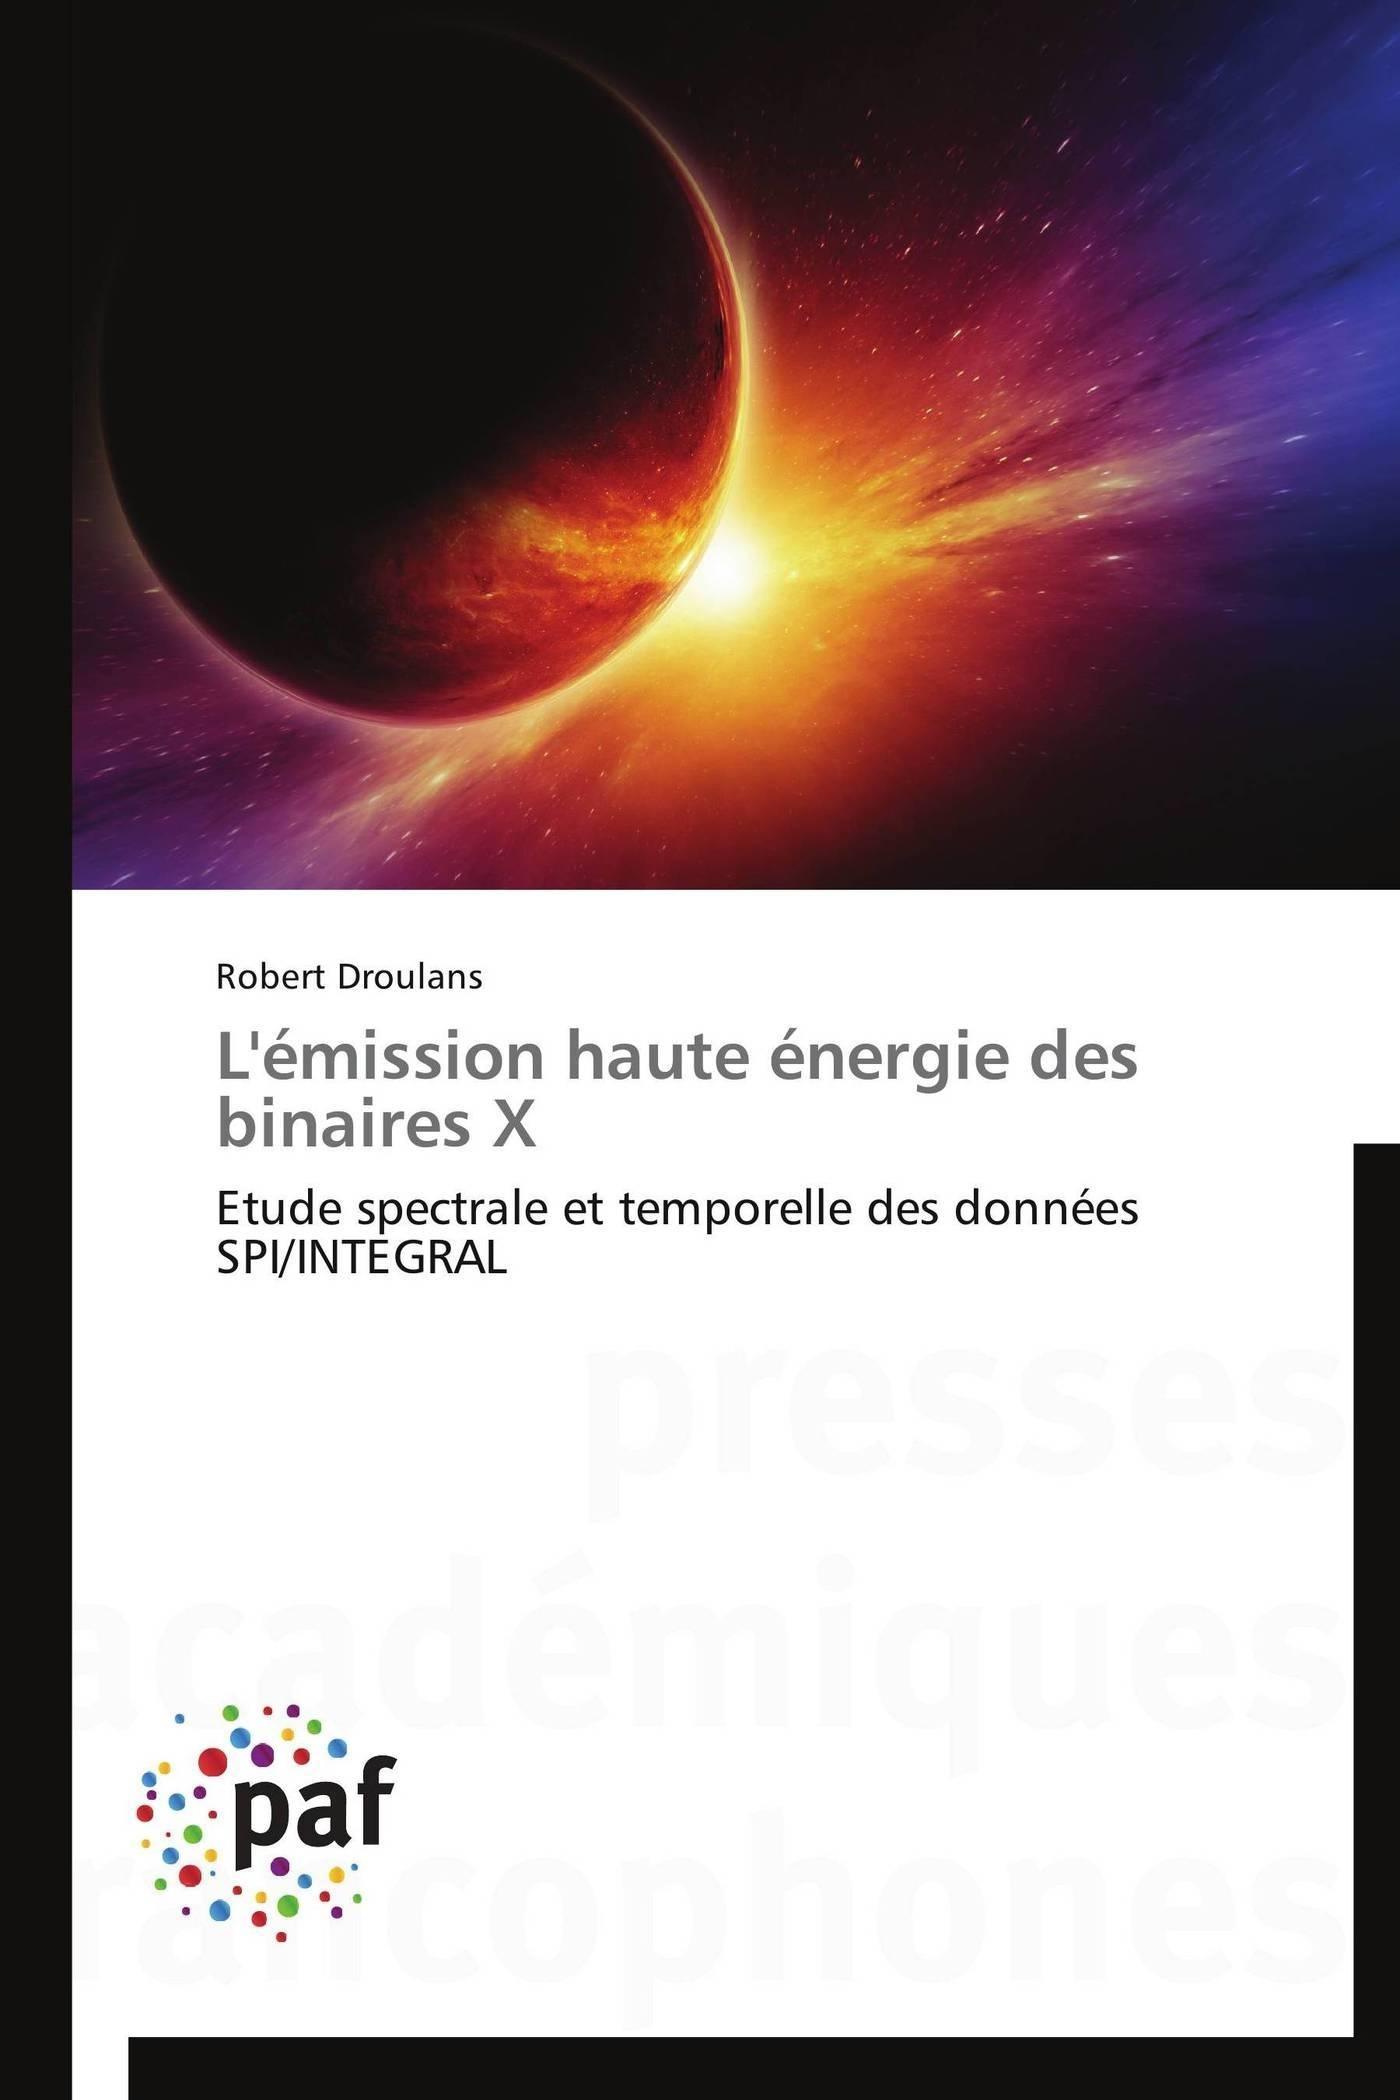 L'EMISSION HAUTE ENERGIE DES BINAIRES X